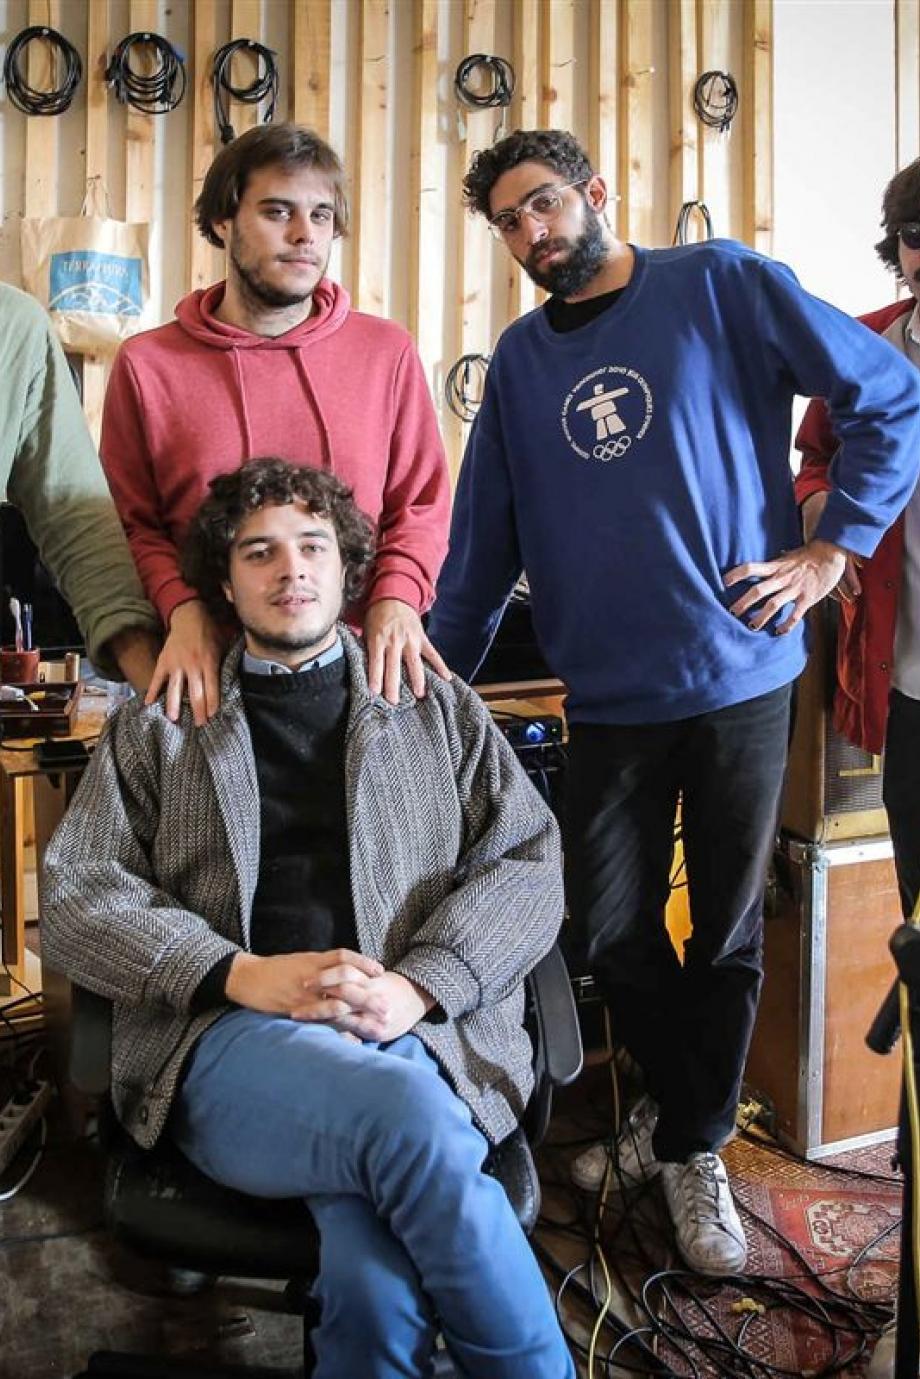 PortoCool_Blog_Capitão Fausto e Luís Severo animam Plano B